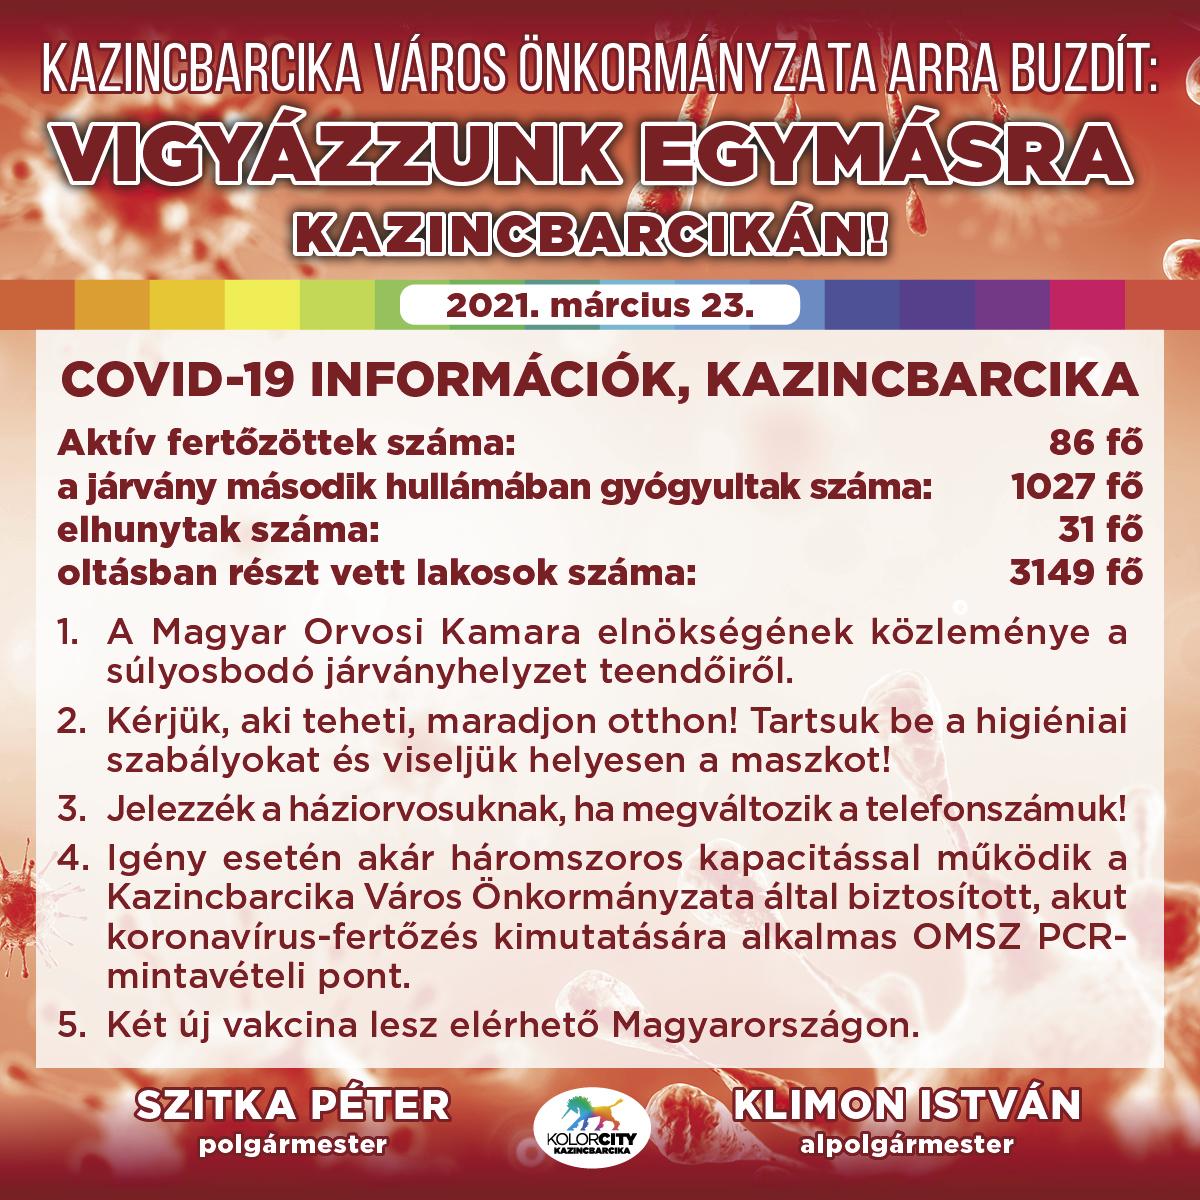 https://kolorline.hu/Vigyázzunk egymásra Kazincbarcikán! – 2021. március 23.